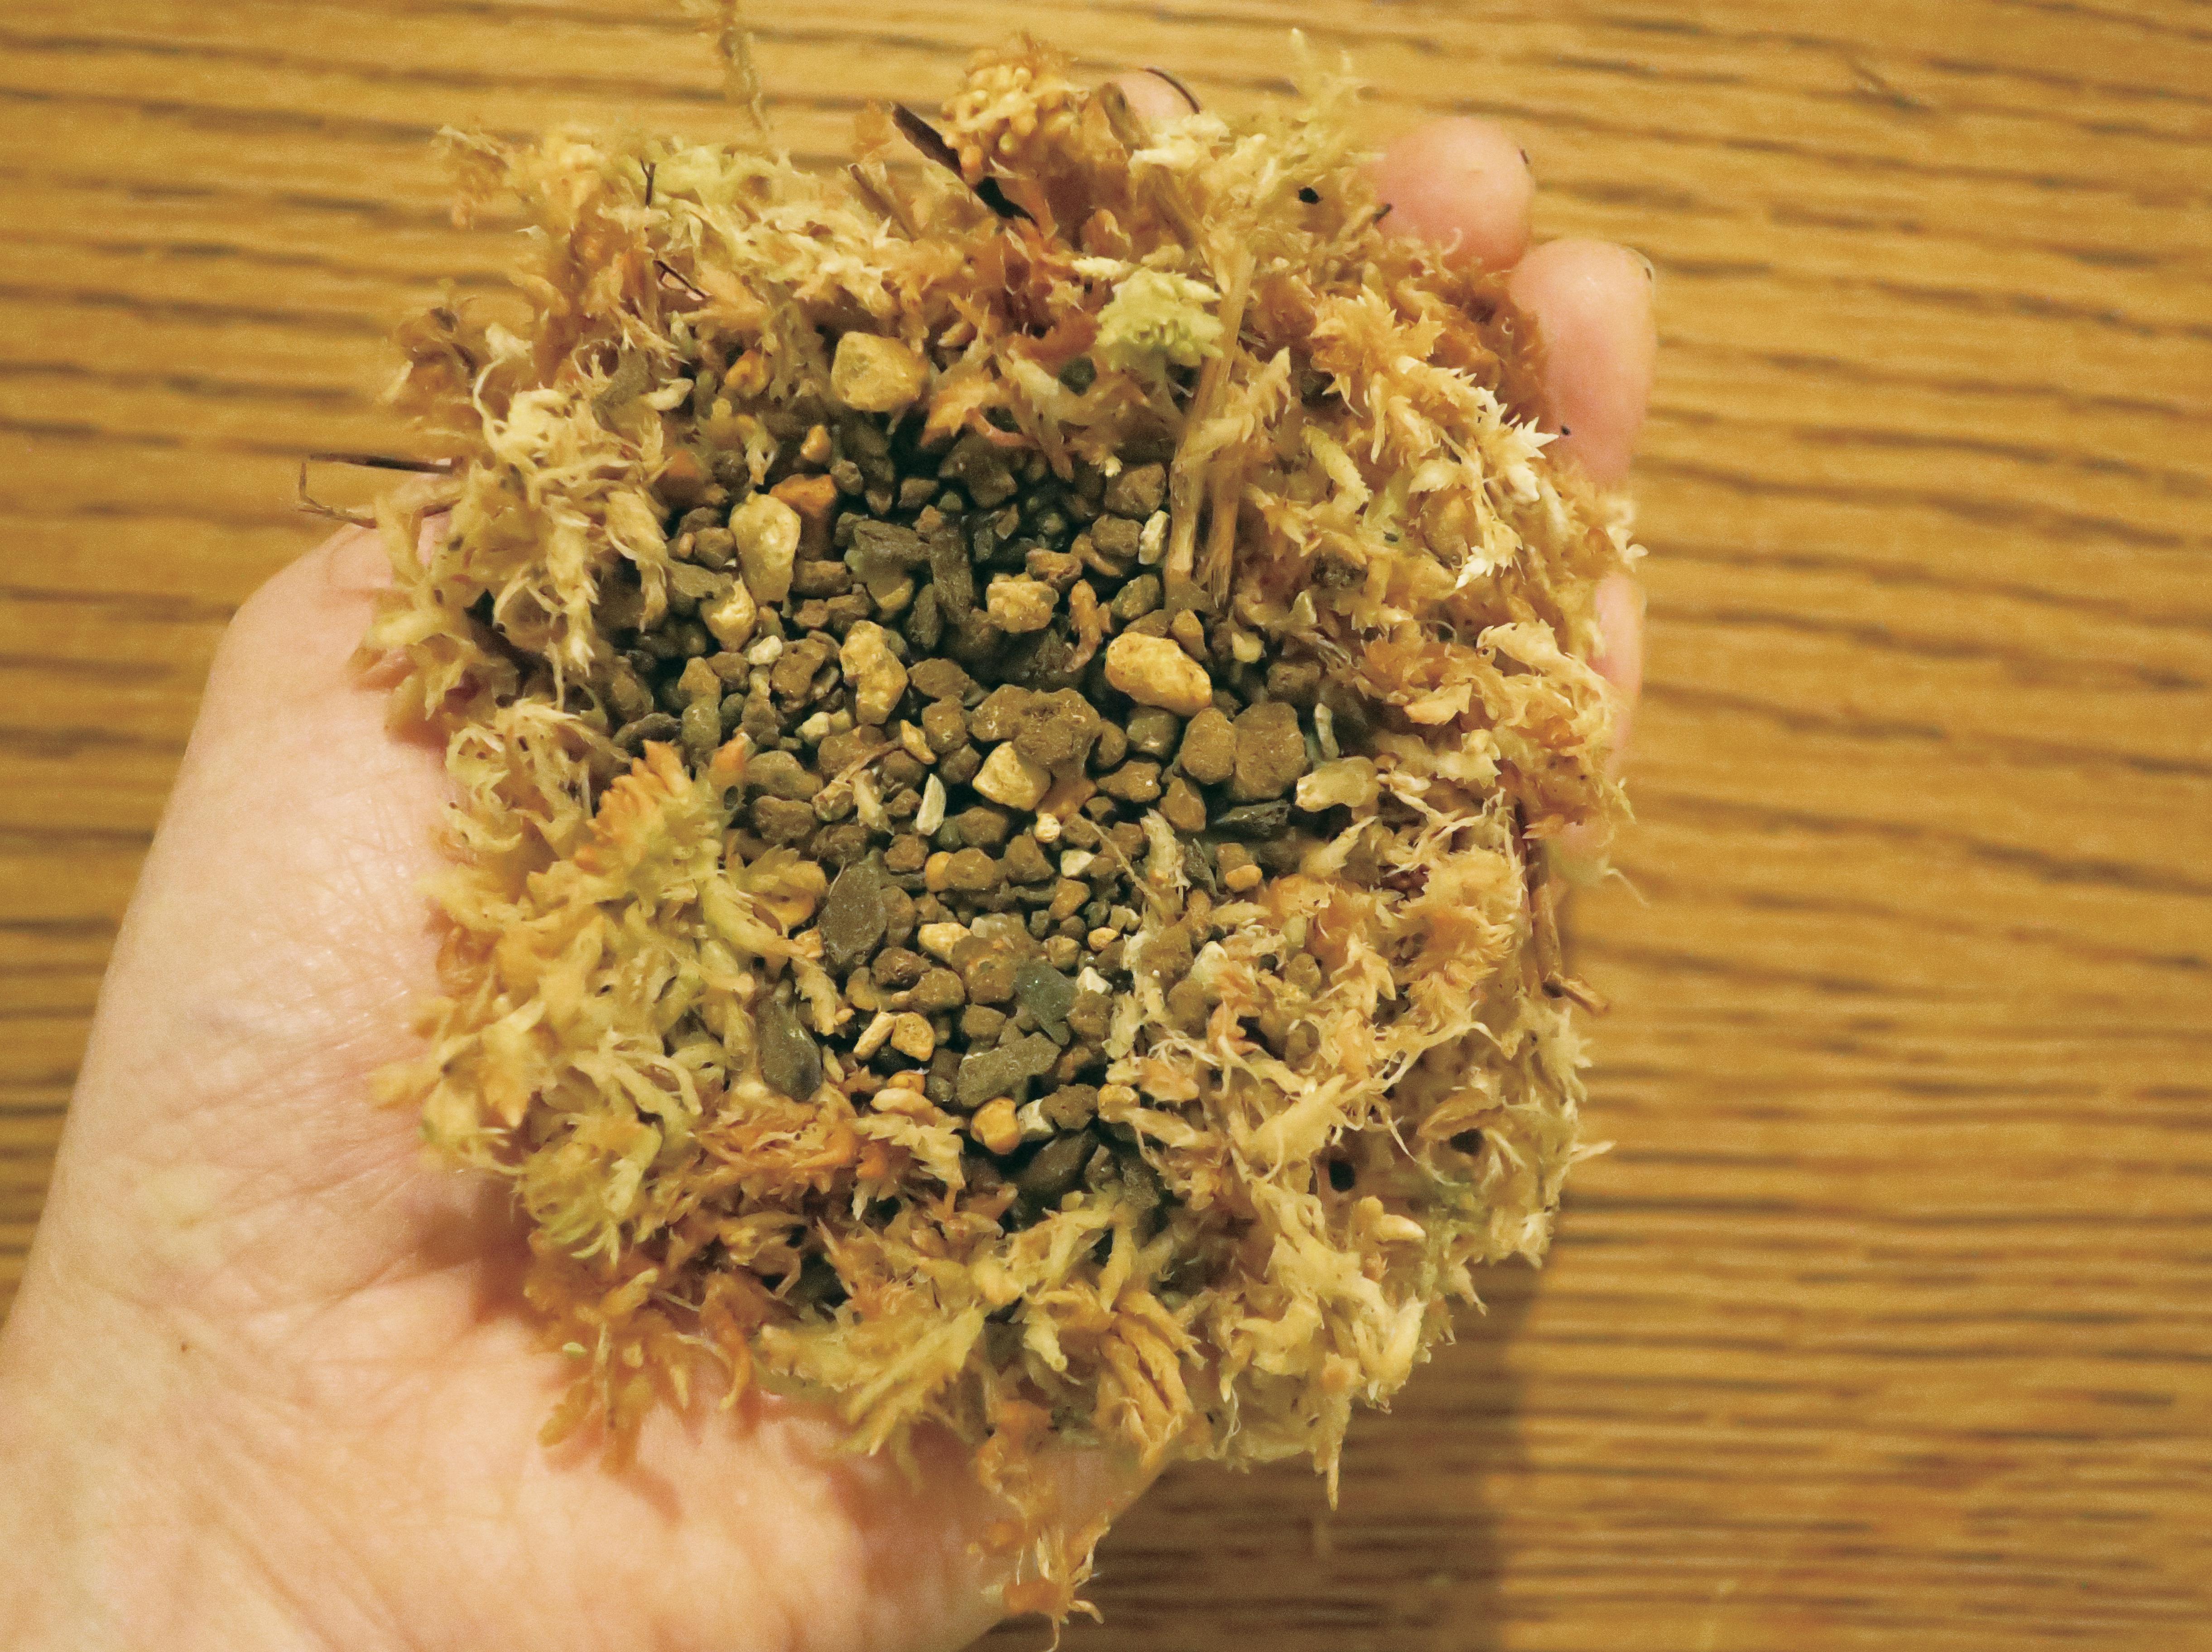 ①水苔は湿らせておきます。水苔を手にのせ、軽くくぼませて土を入れます。